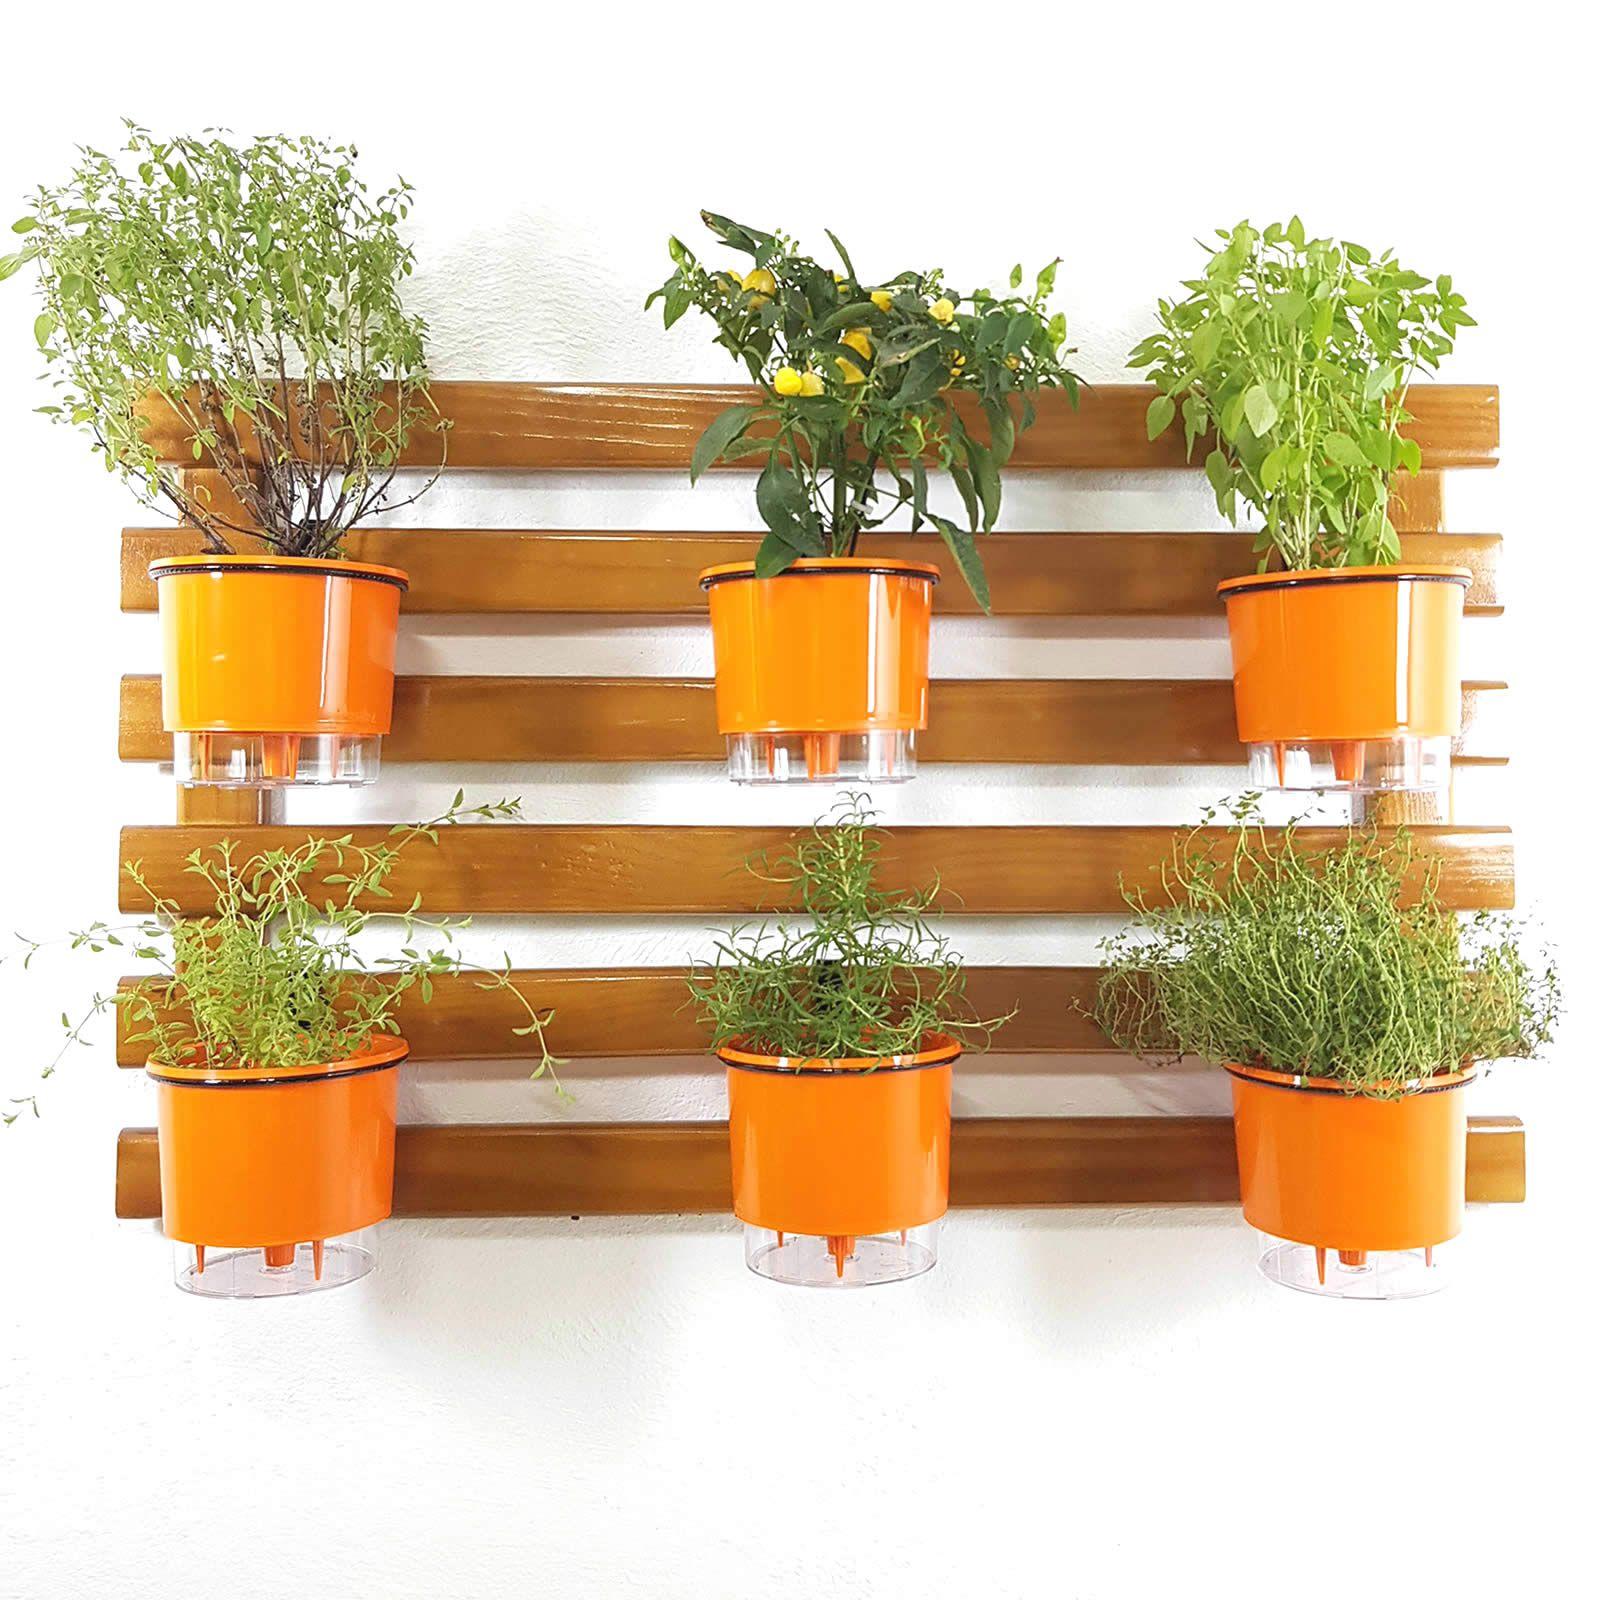 Horta Vertical Imbuia 60x100cm com 6 suportes e 6 Vasos Auto Irrigáveis Laranja